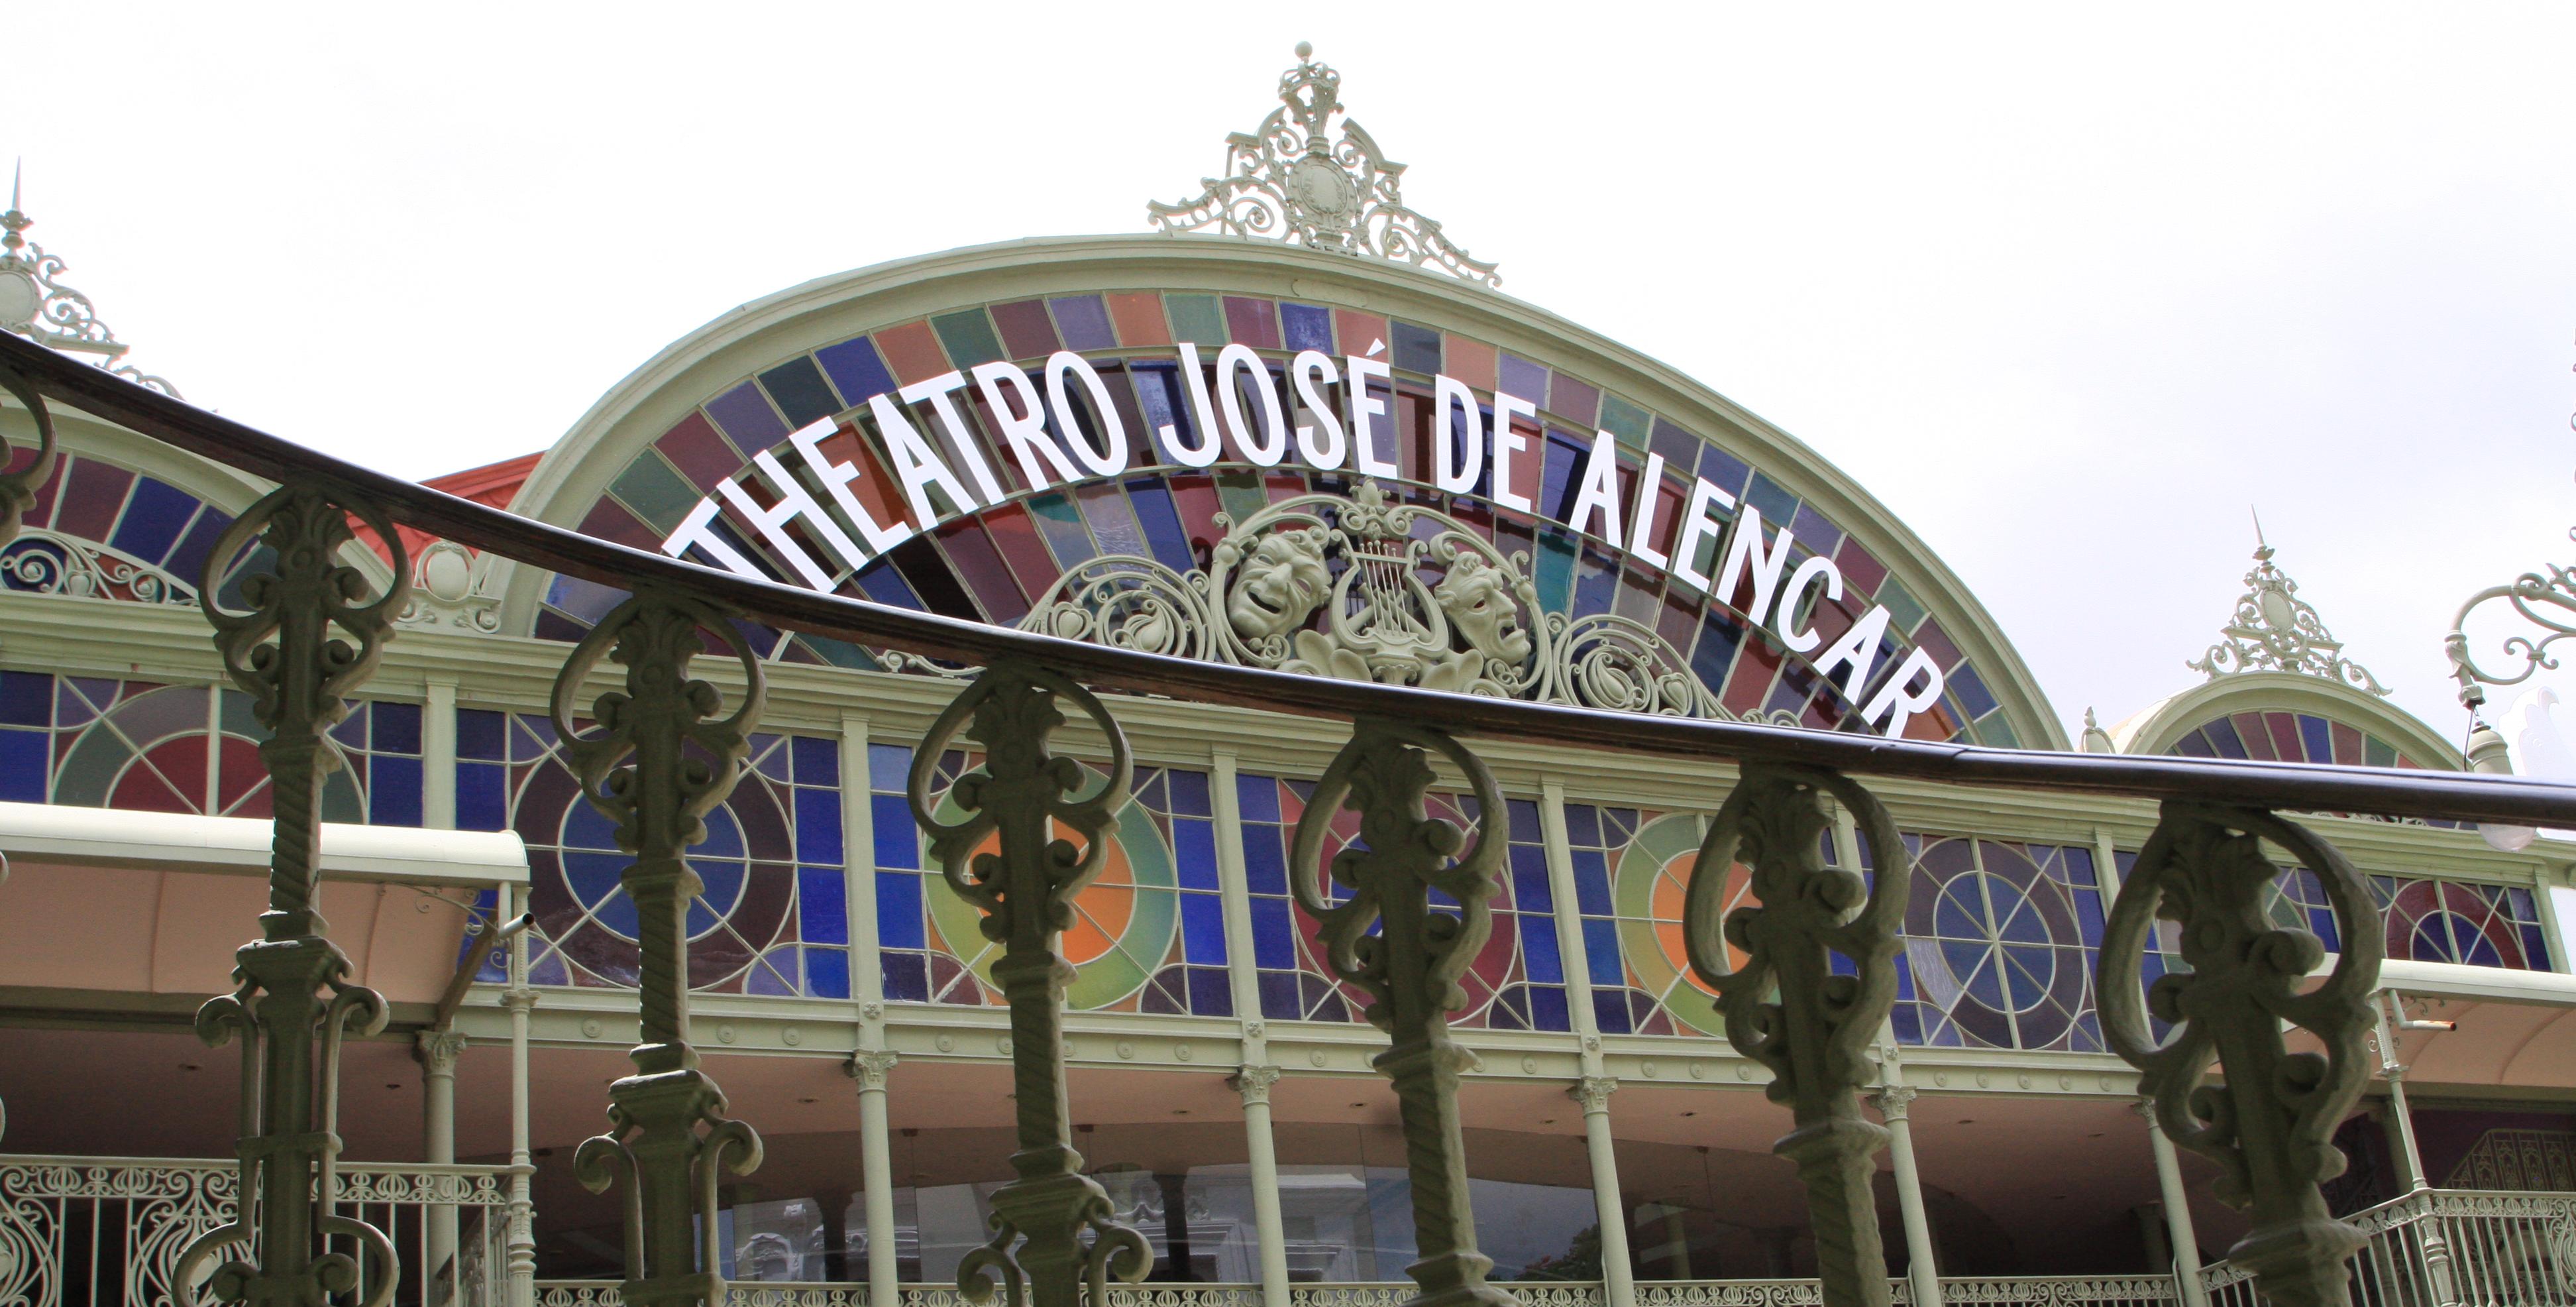 Fachada do Theatro José de Alencar 3888x1972 Foto: Acervo.